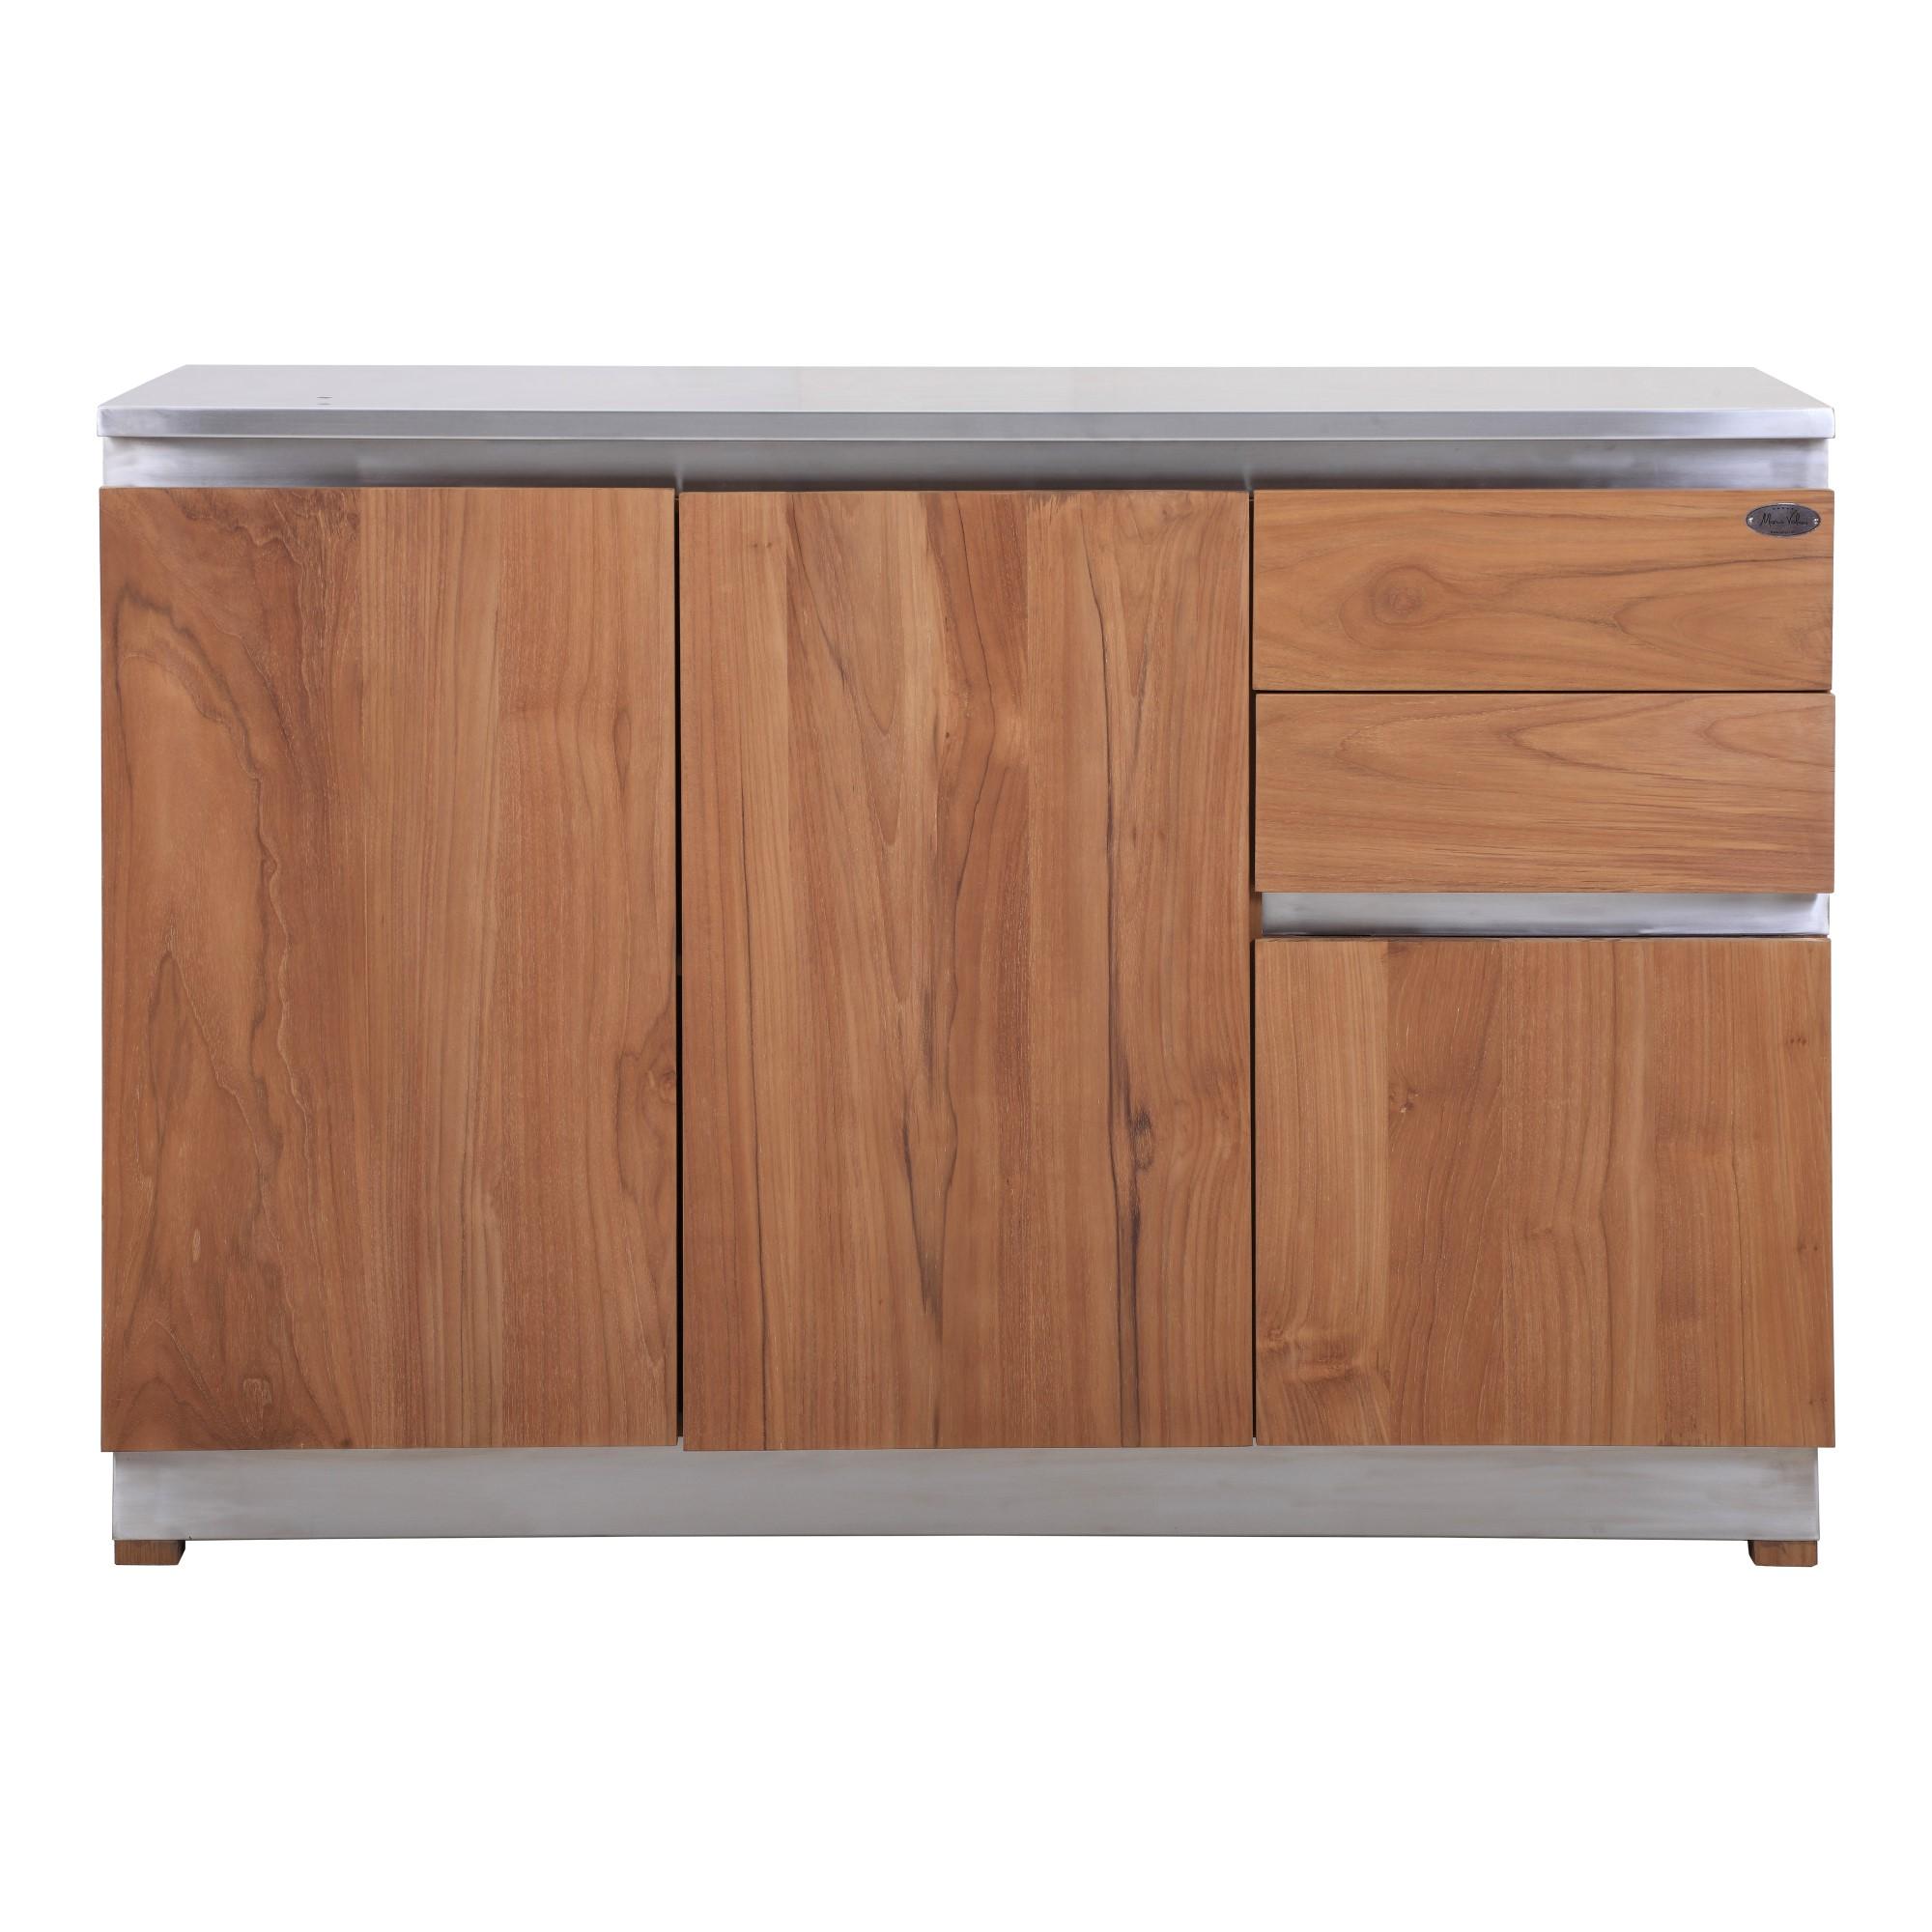 Full Size of Küchenanrichte Kchenanrichte Rivera Outdoormbel Aus Teak Und Edelstahl Teakode Wohnzimmer Küchenanrichte